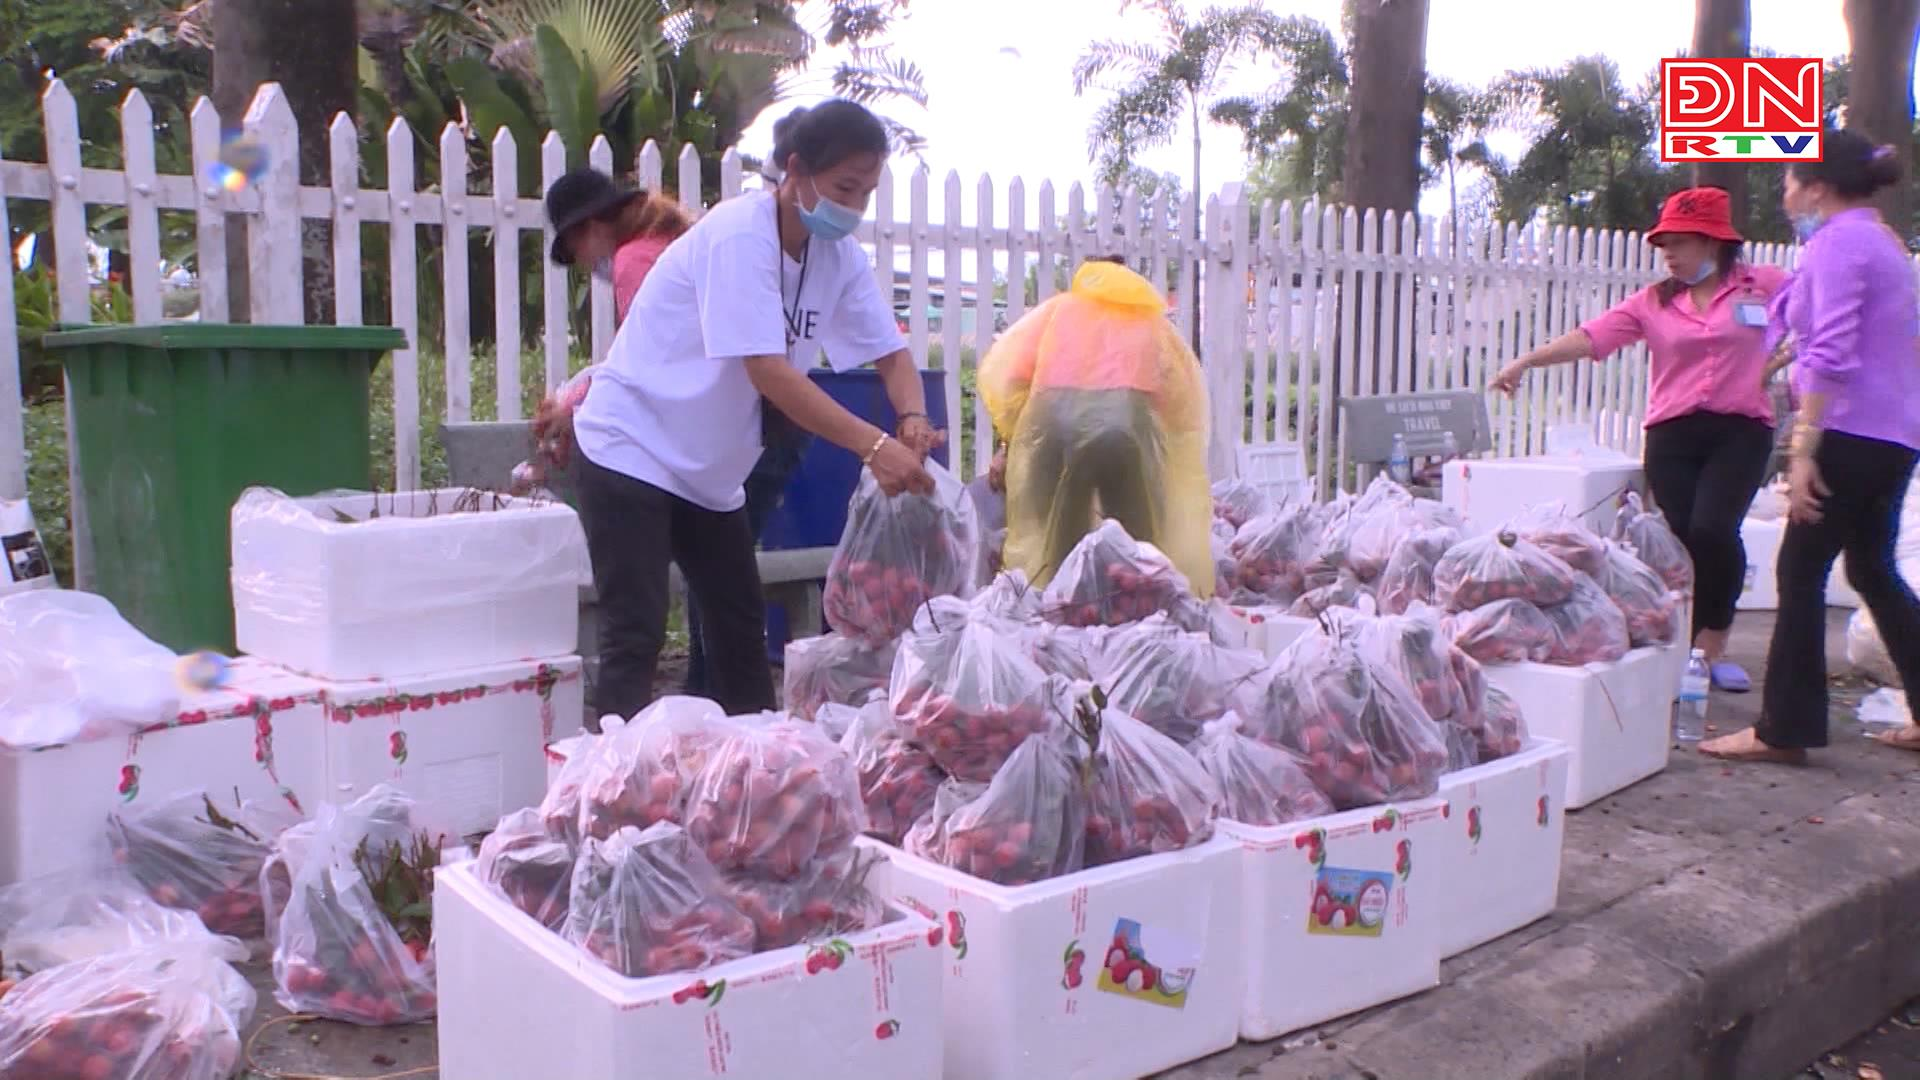 Doanh nghiệp đầu tiên của Đồng Nai hỗ trợ tiêu thụ hơn 17 tấn vải thiều